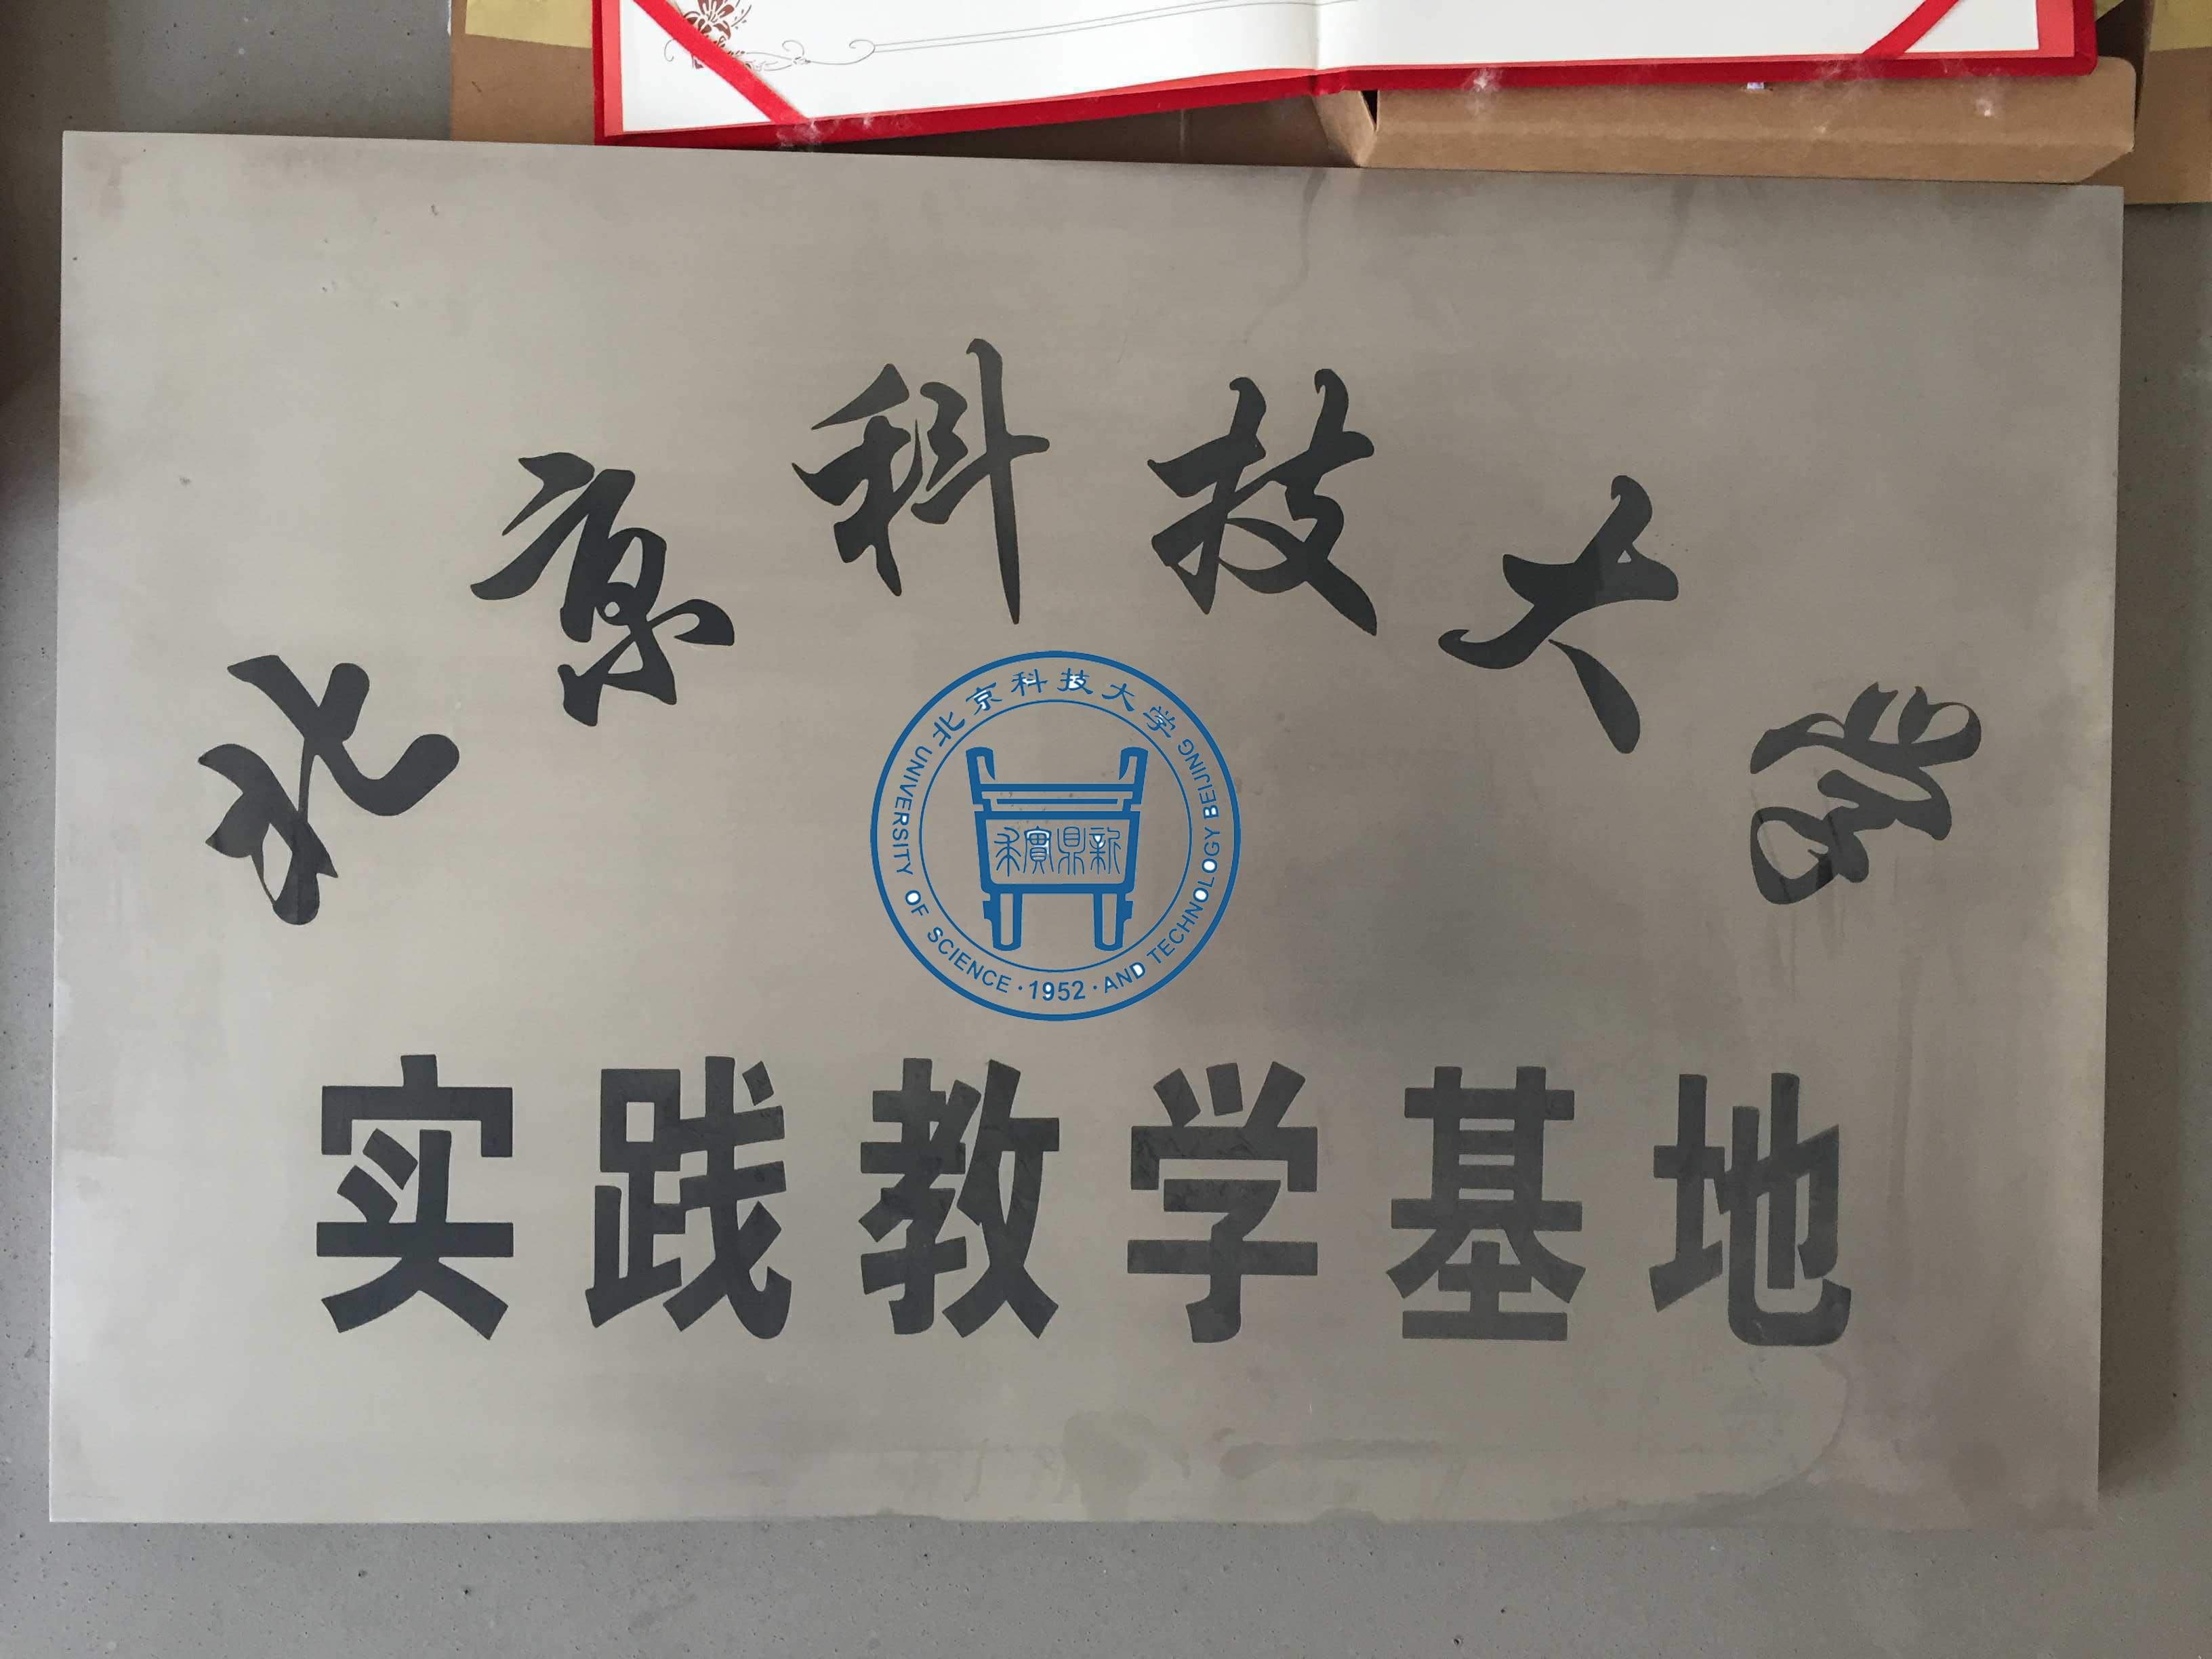 9.北京科技大学实践教学基地